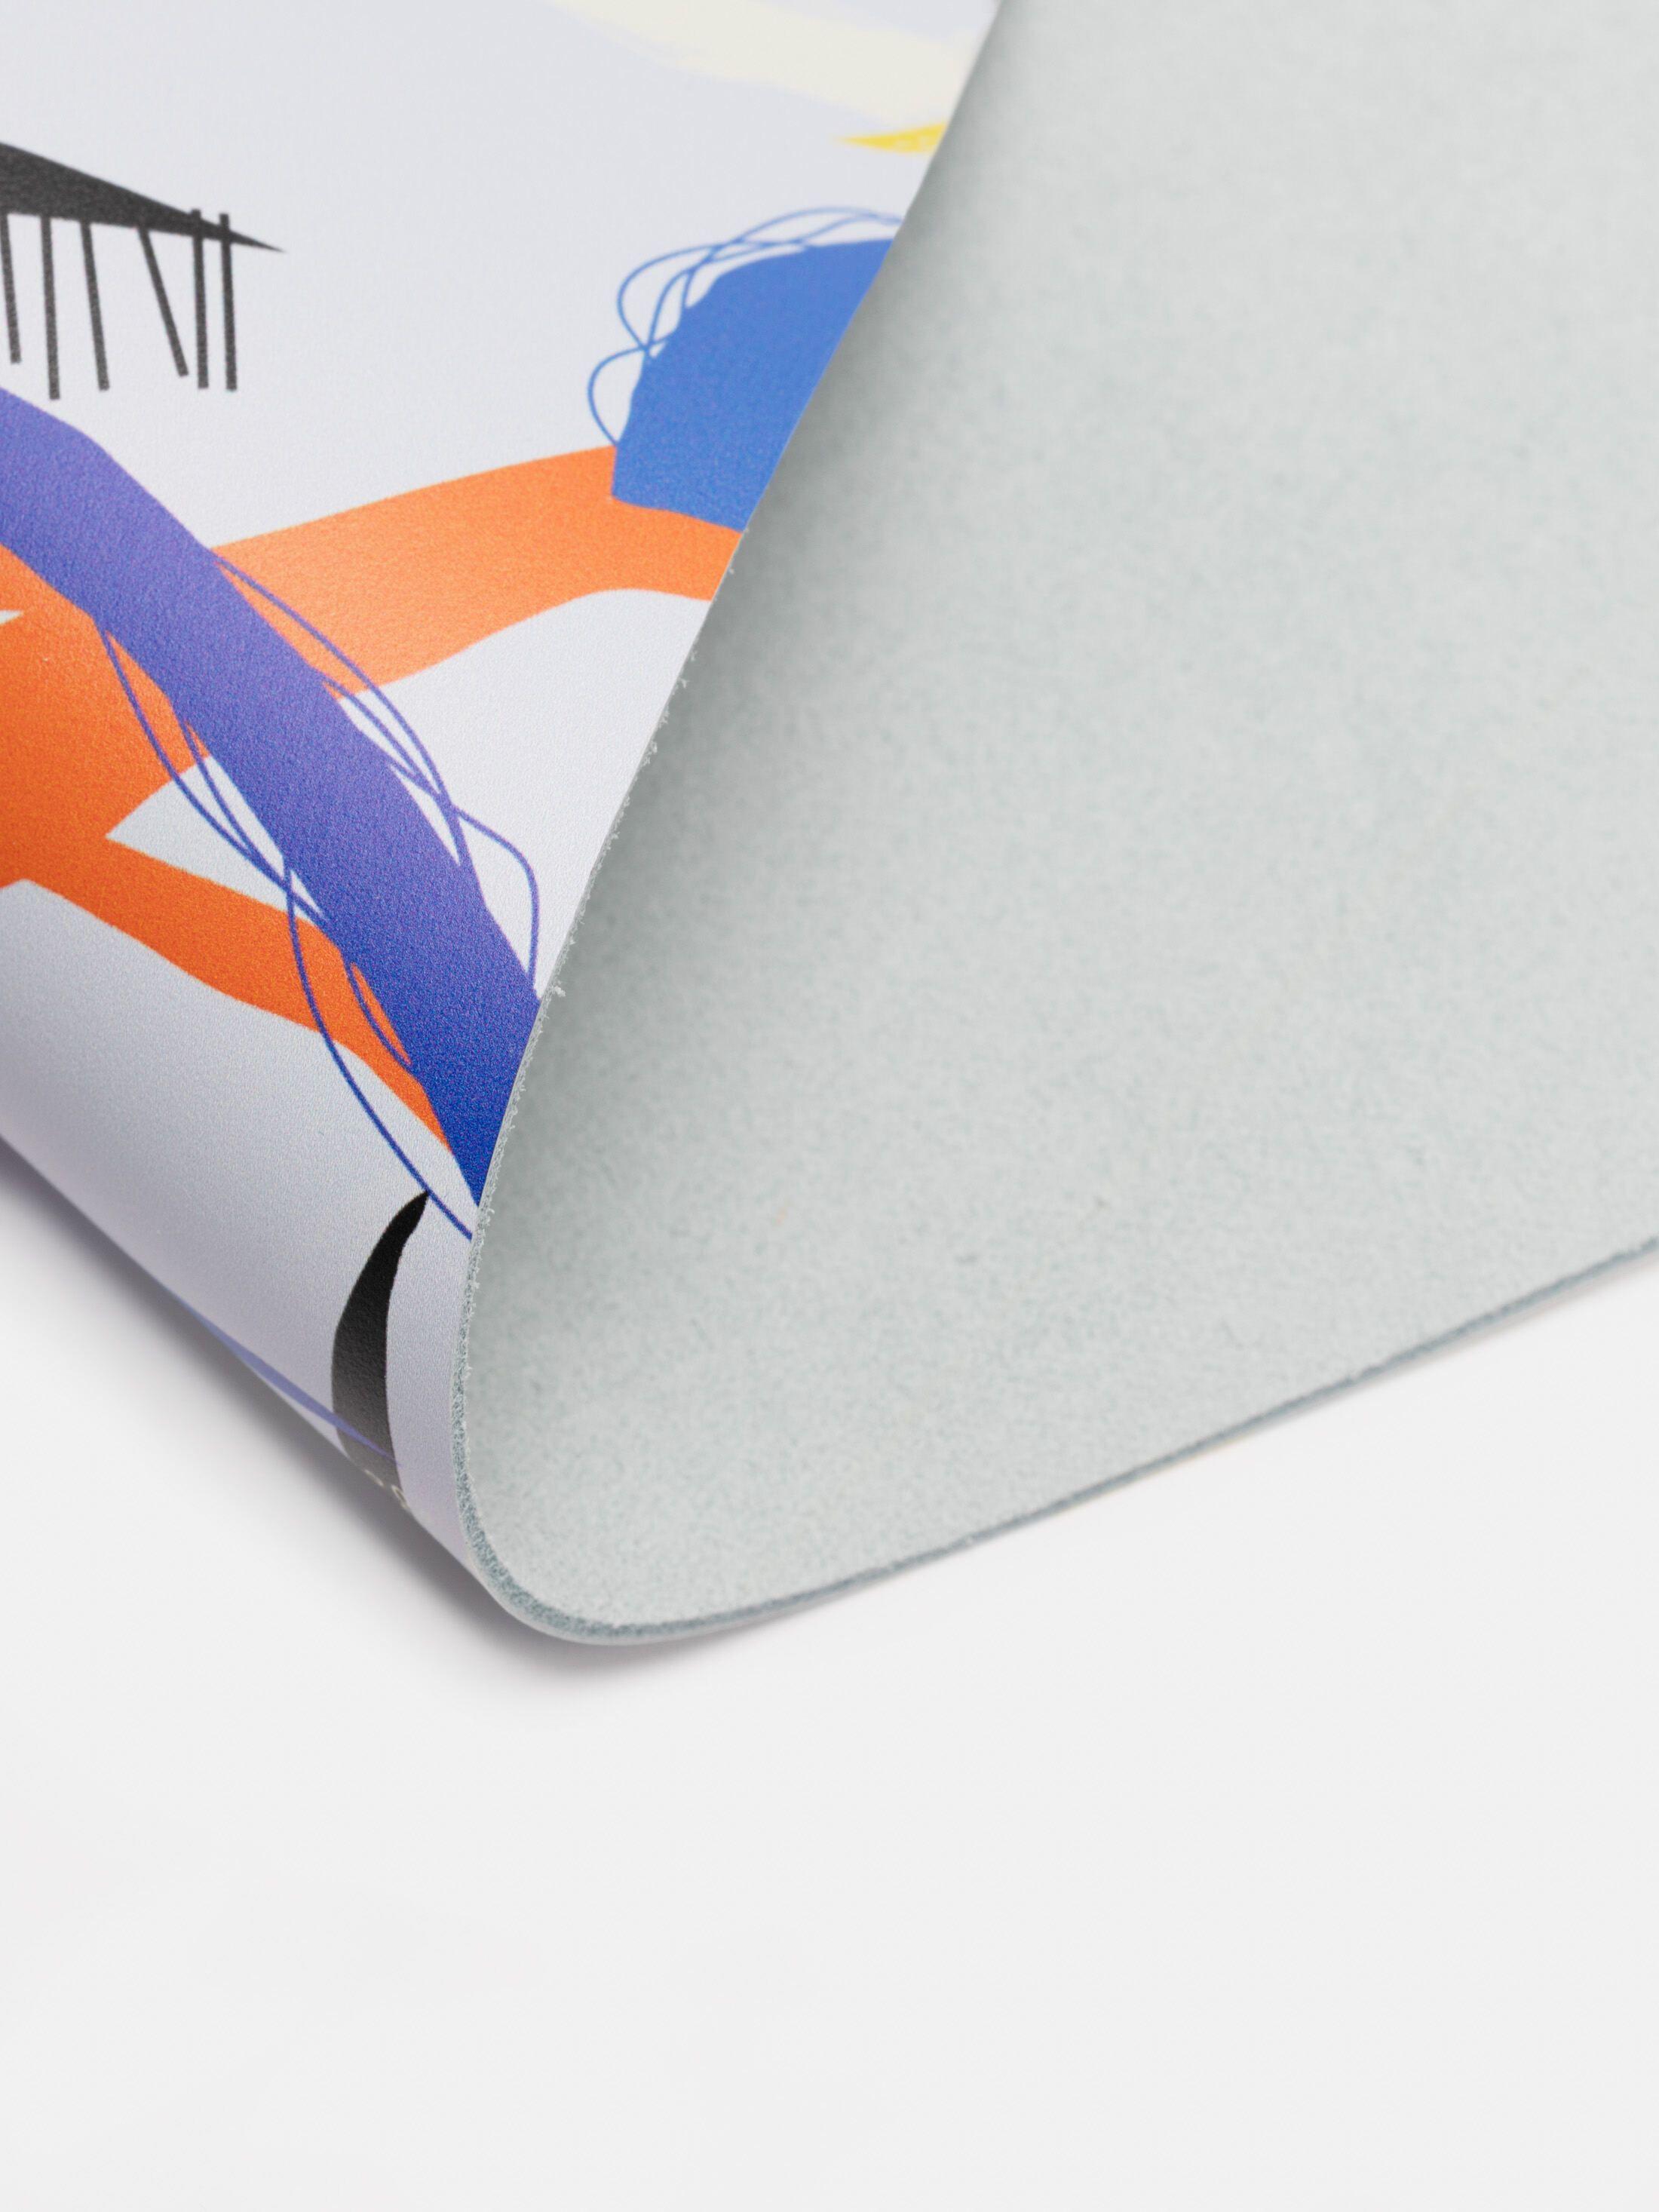 フレンチカーフレザー デザイン 印刷